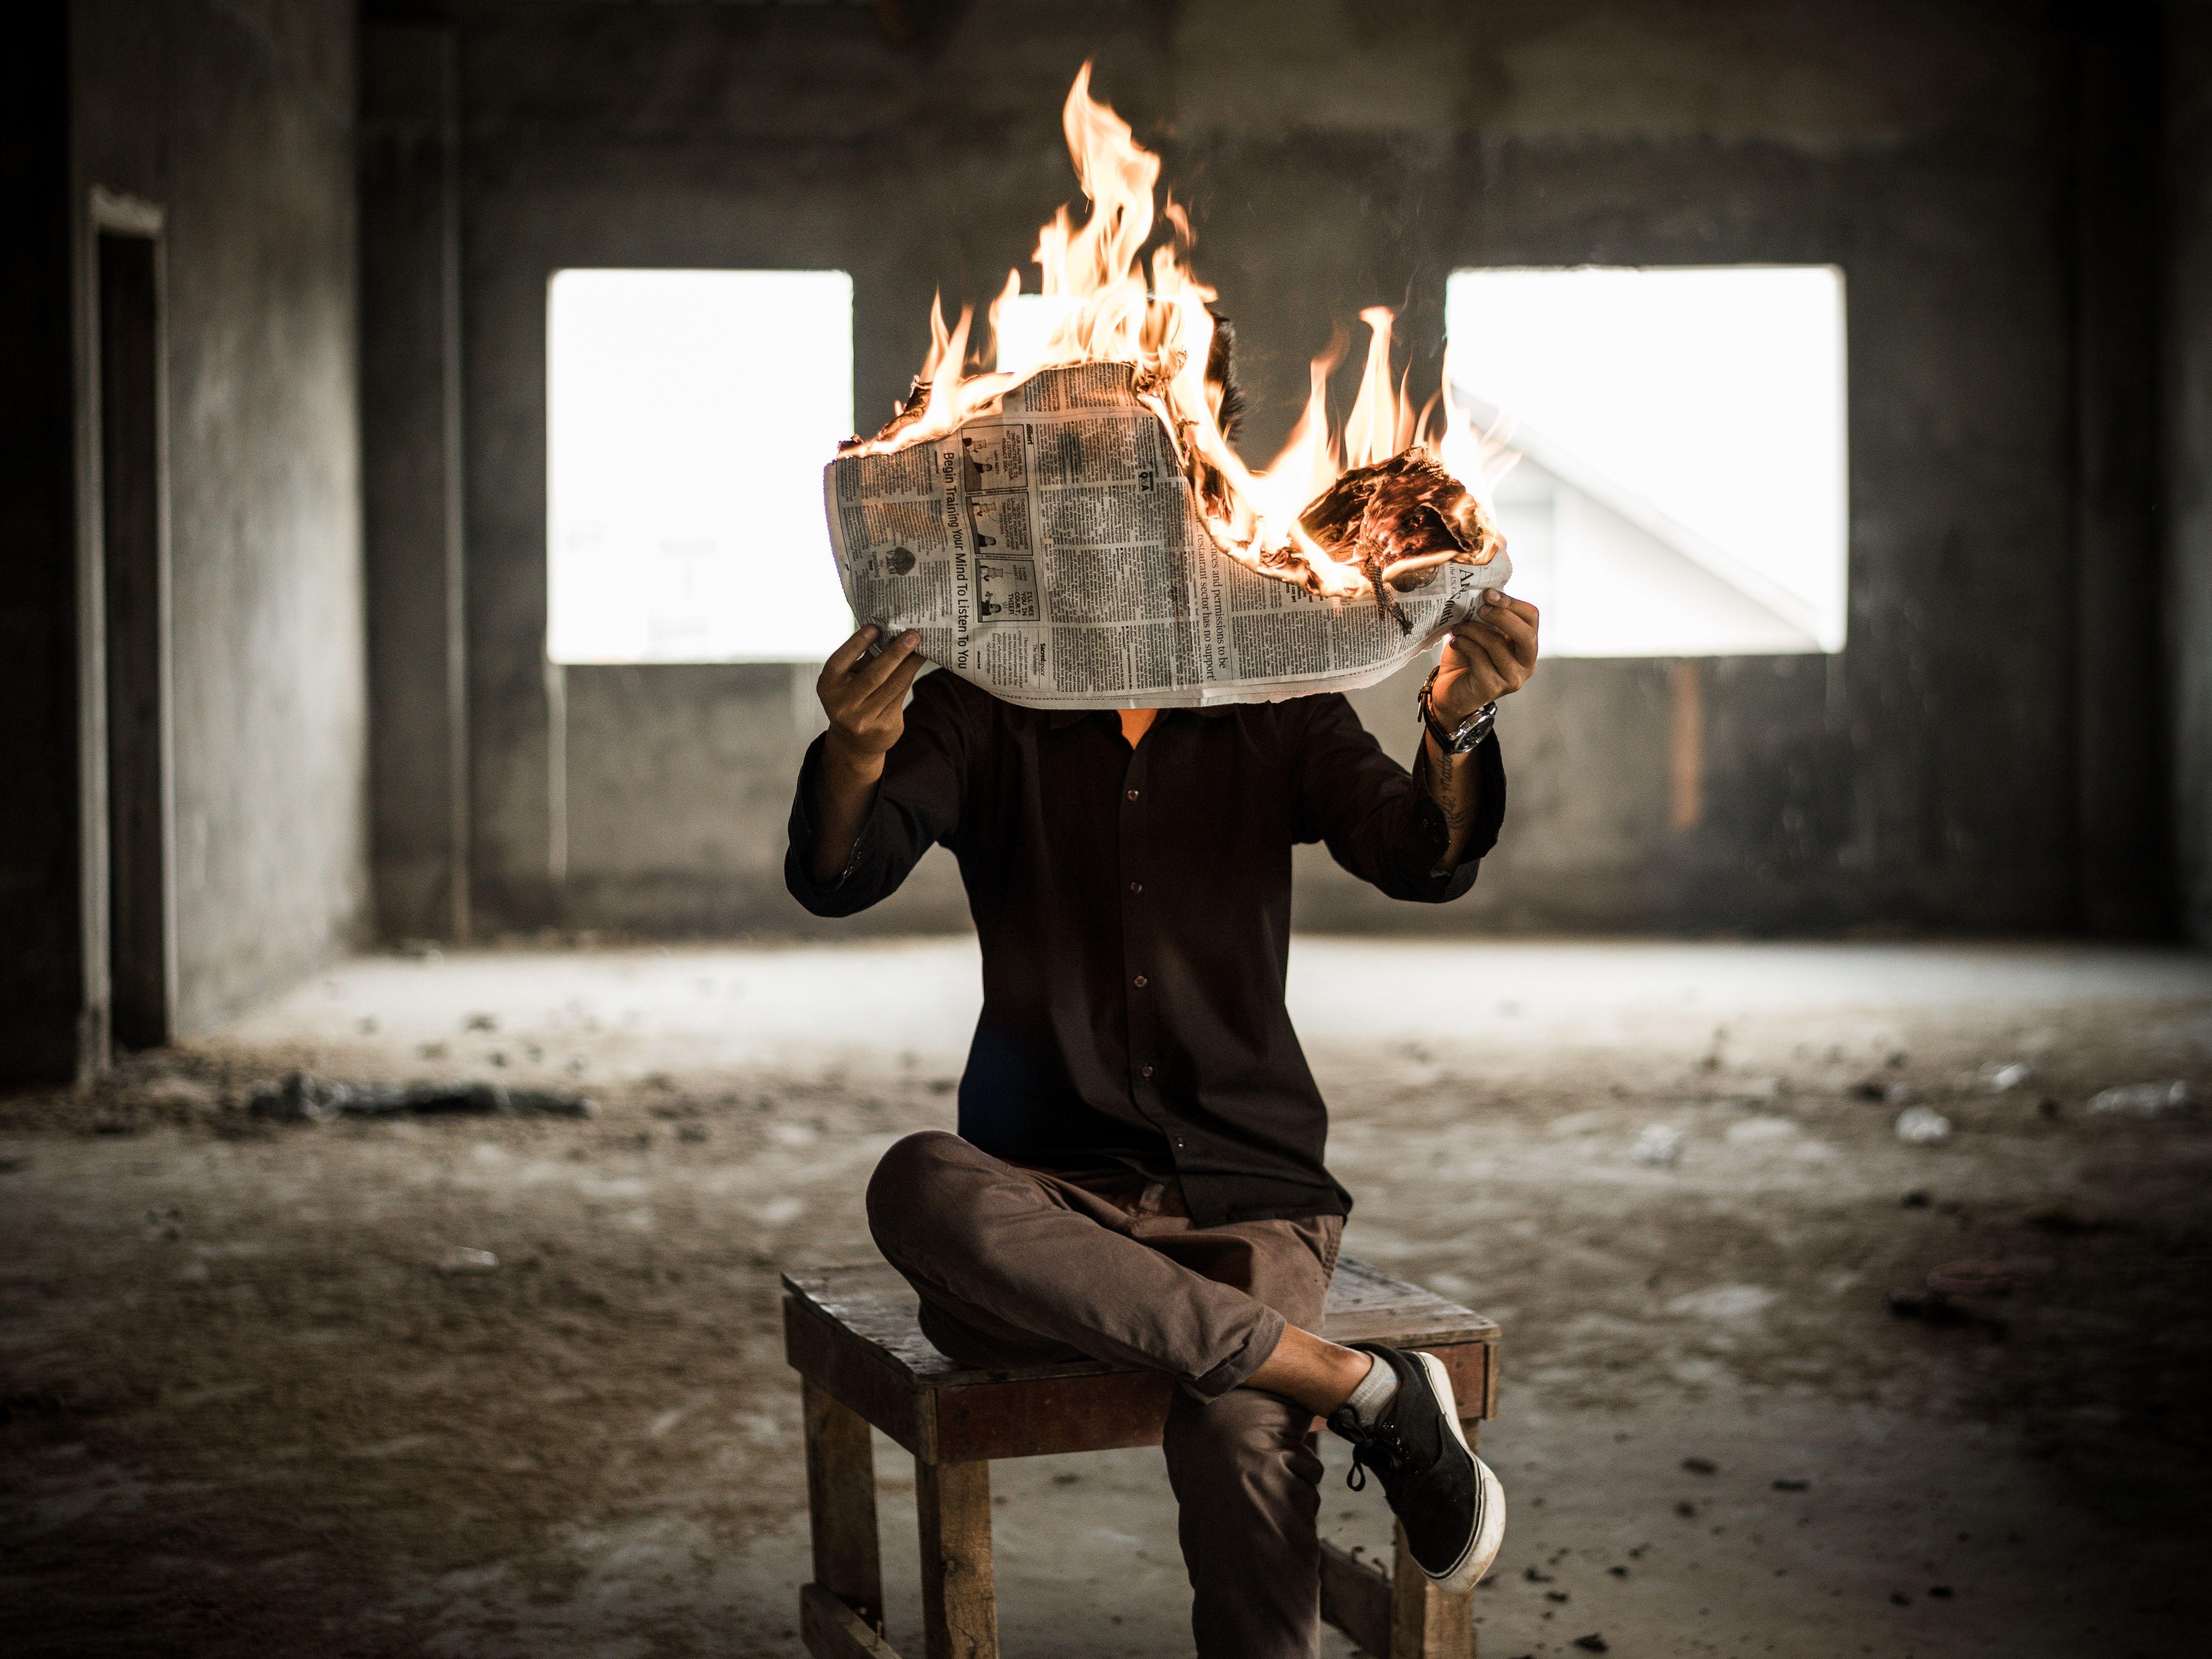 مرد در حال مطالعهی روزنامهای که آتش گرفته است